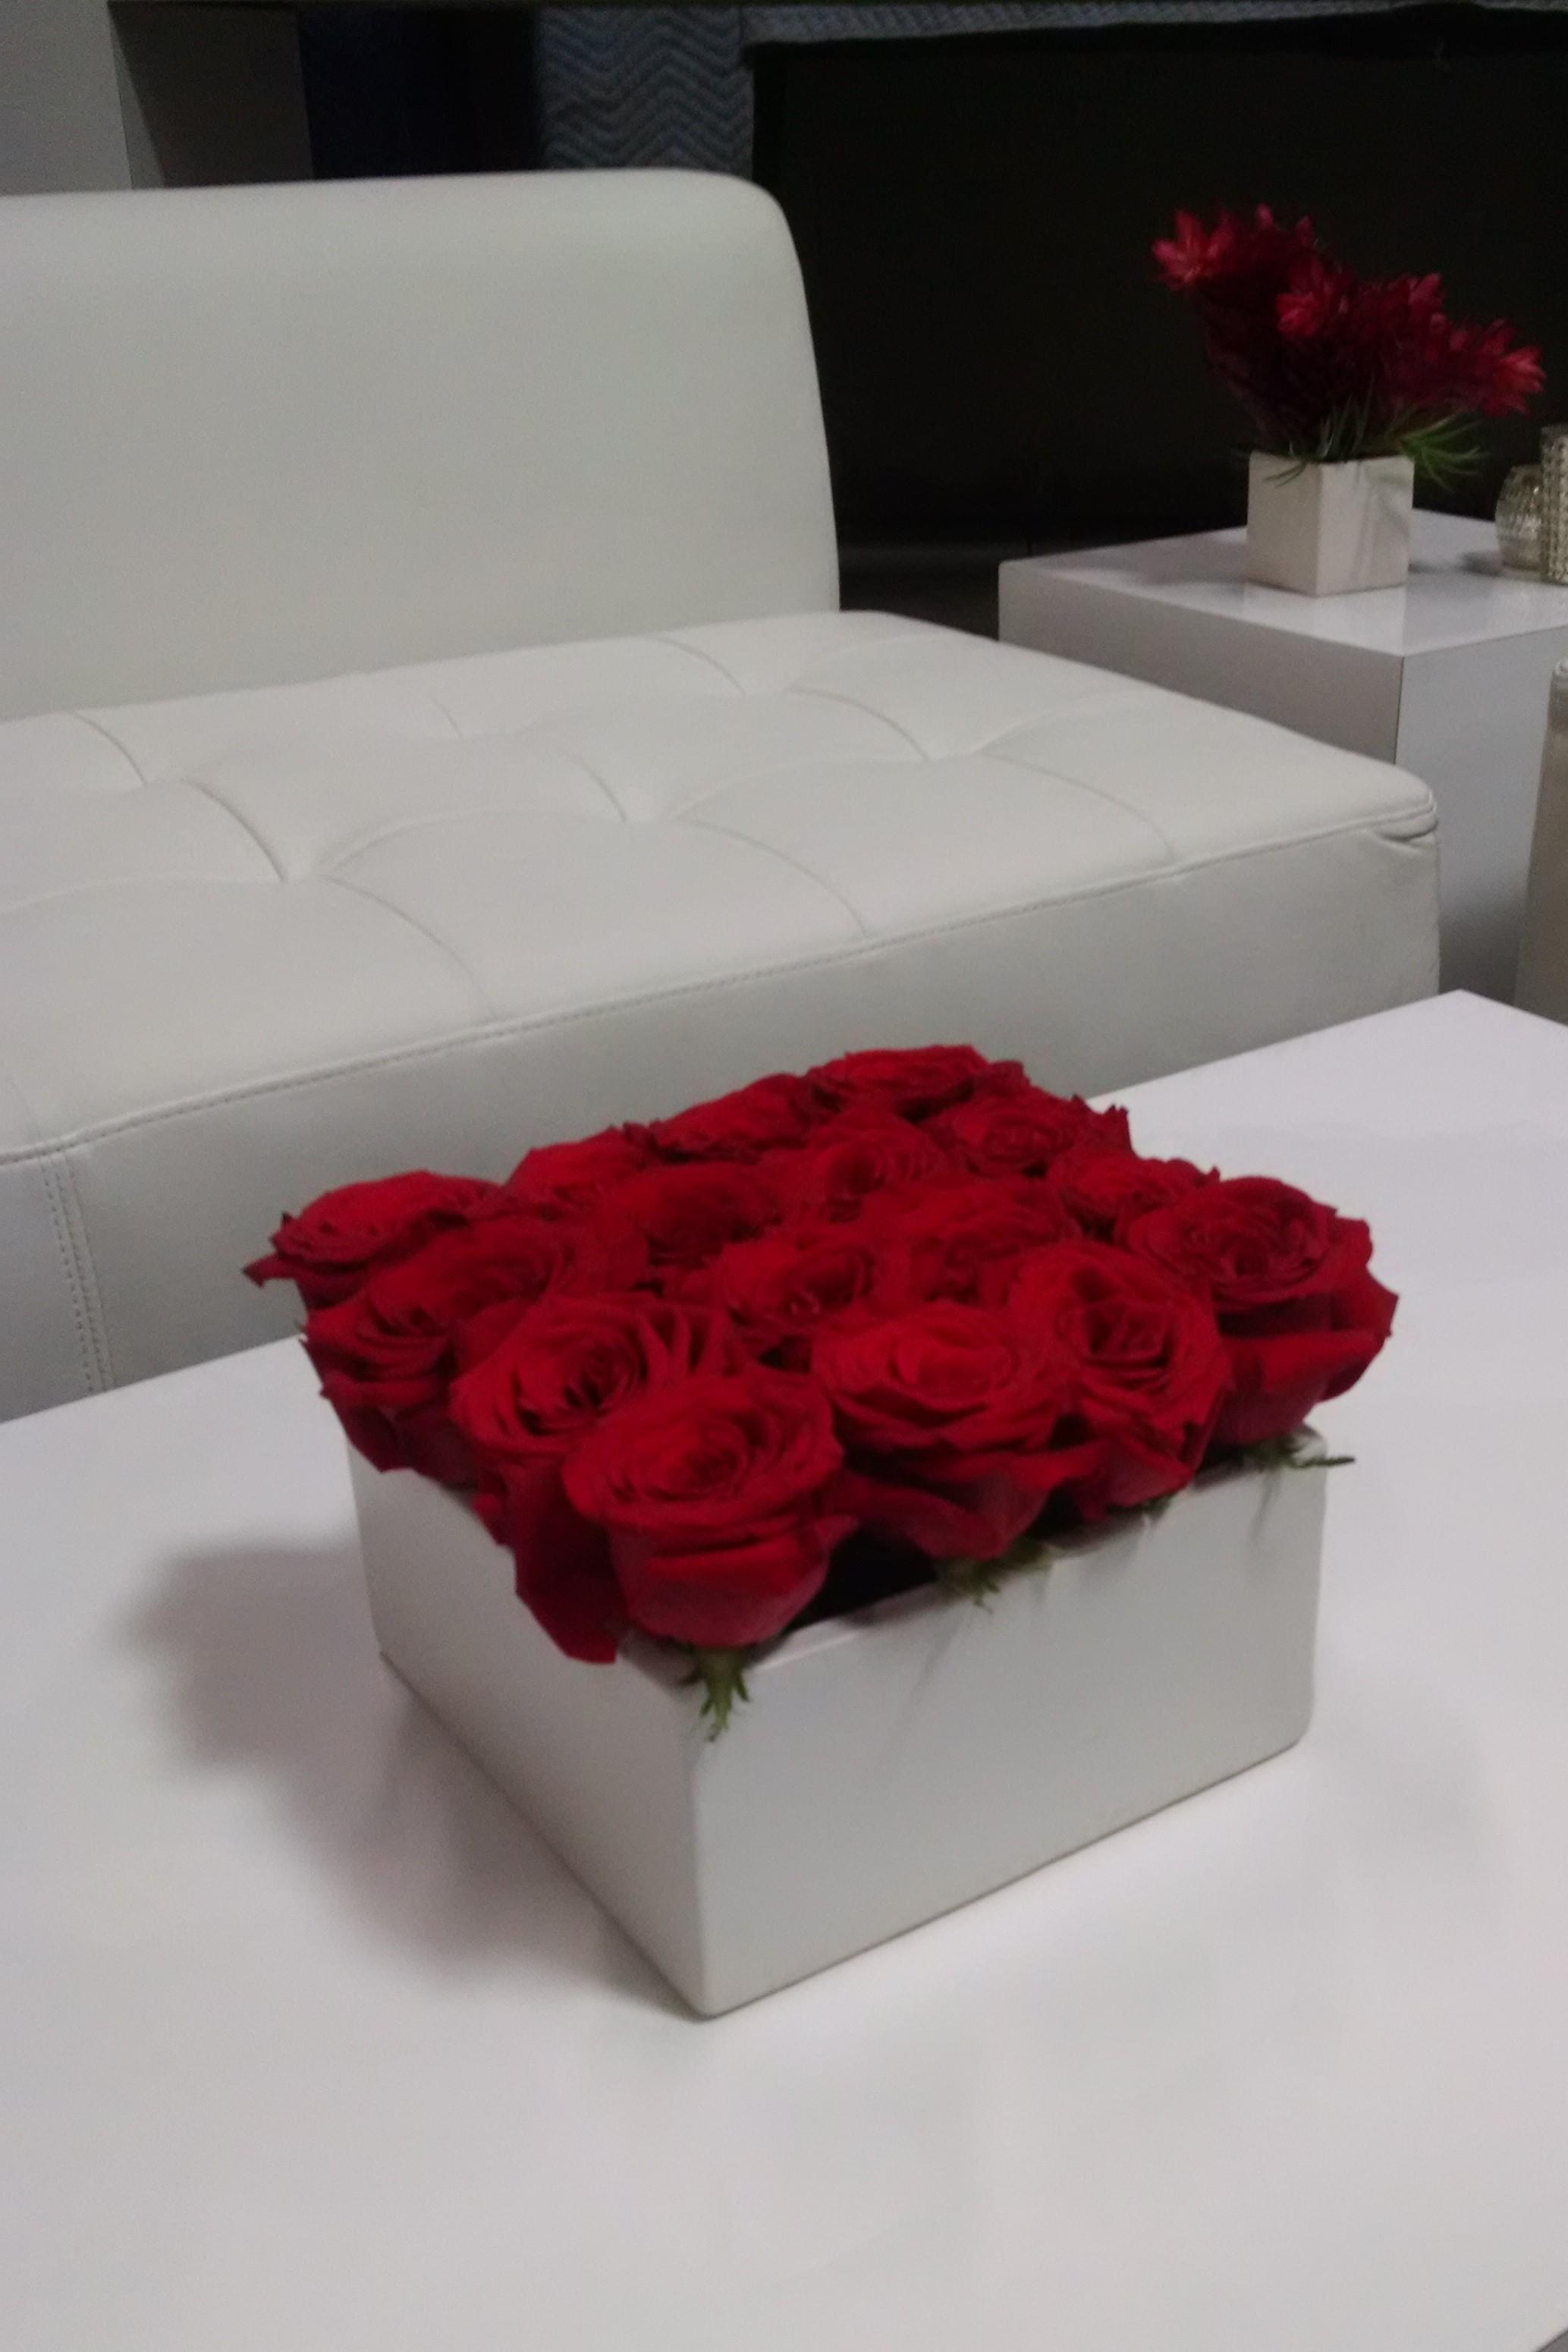 Red Rose Florist Modern Flower Arrangement Corporate